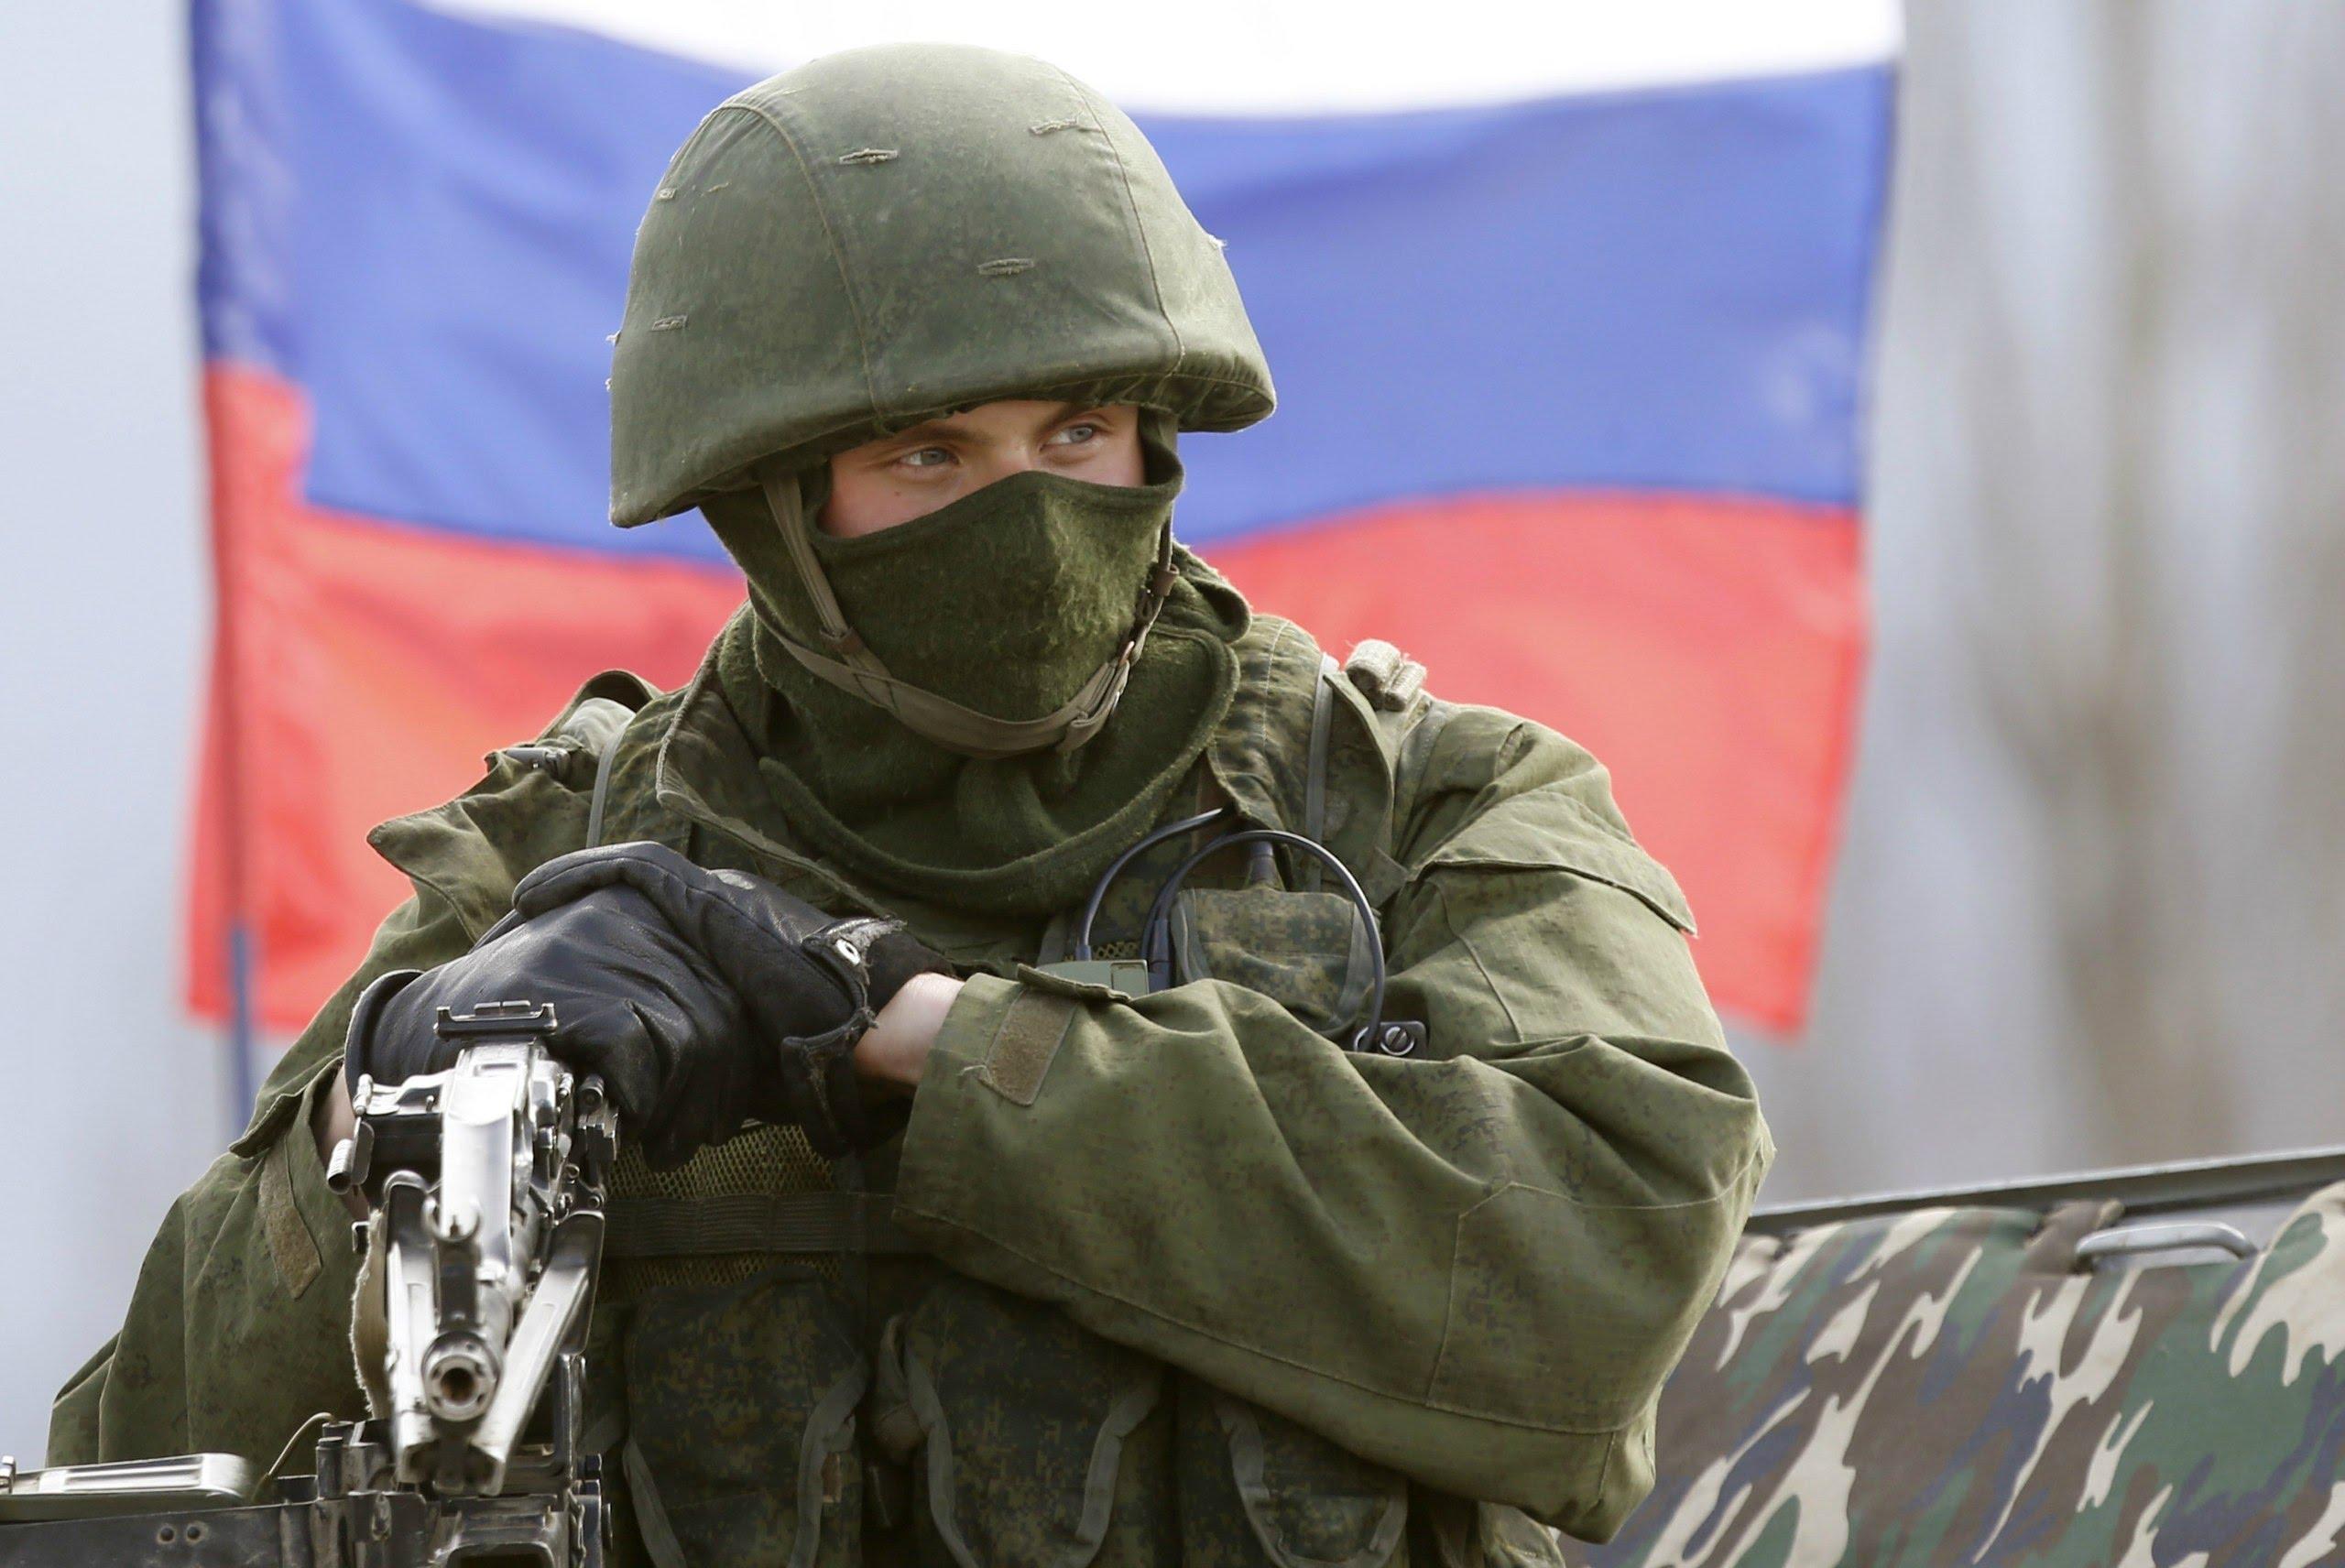 И будет тут новая военная база России: жителей оккупированного Крыма шокировал приказ Минобороны РФ о принудительном выселении - крымчане в ужасе от российского беспредела